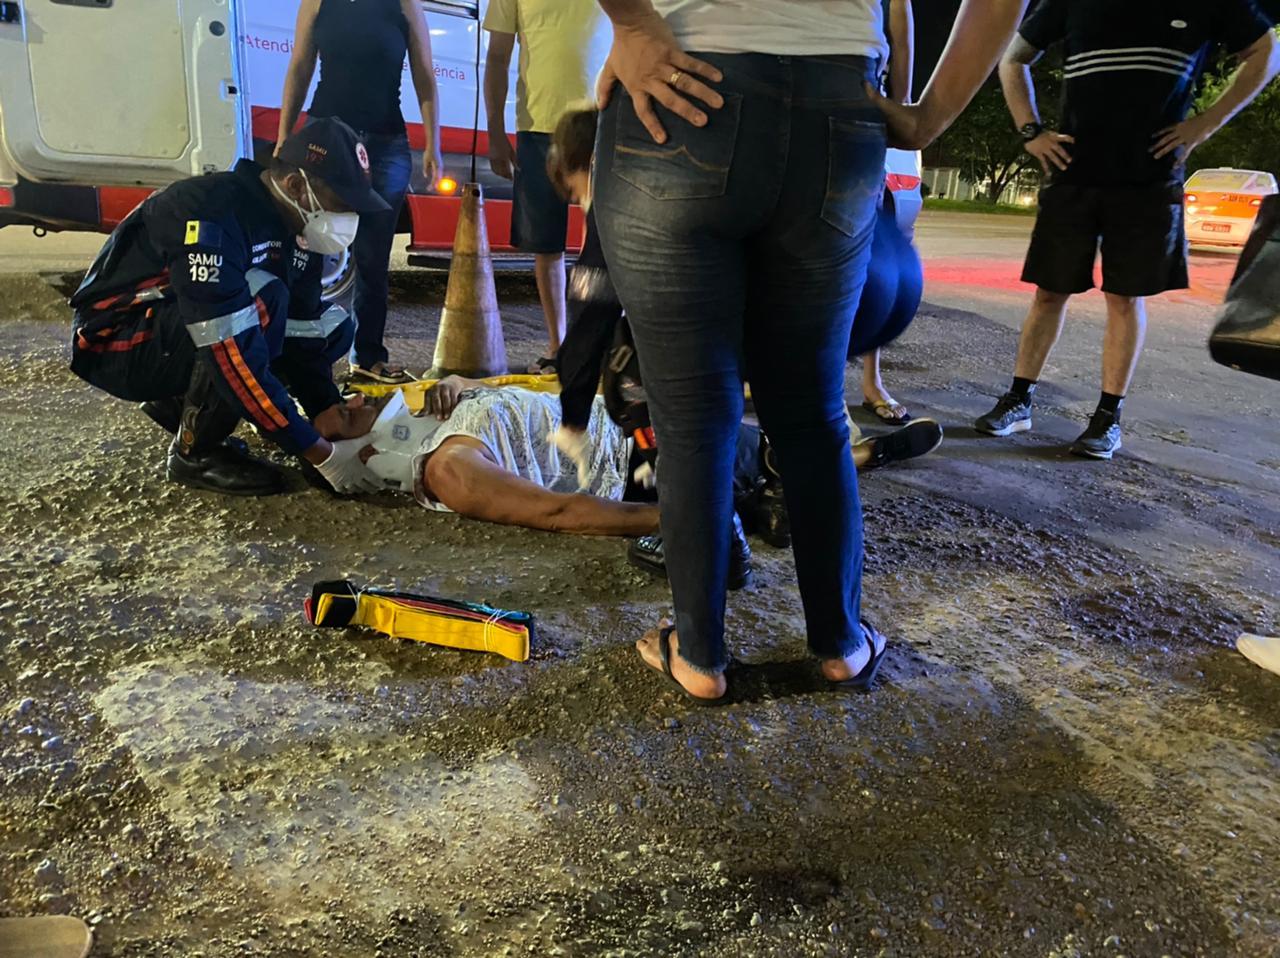 Ciclista fica ferido ao colidir em automóvel no Bairro Embratel